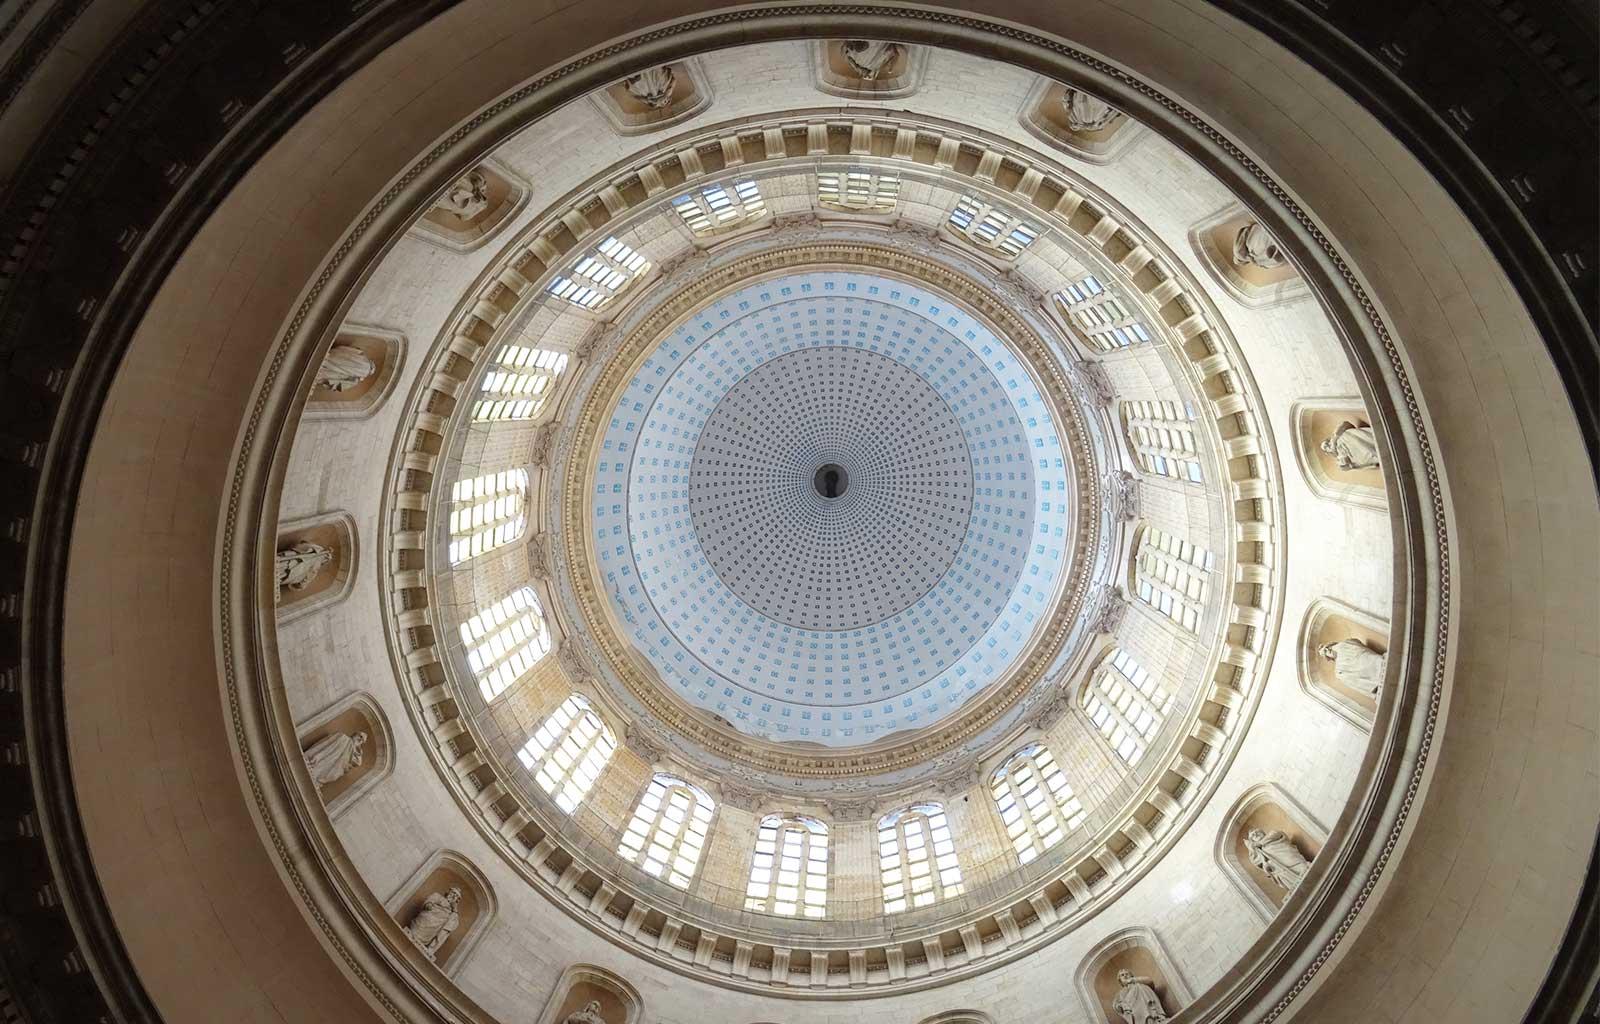 Boulogne-sur-mer Dôme de la Basilique Notre-Dame-de-l'Immaculée-Conception